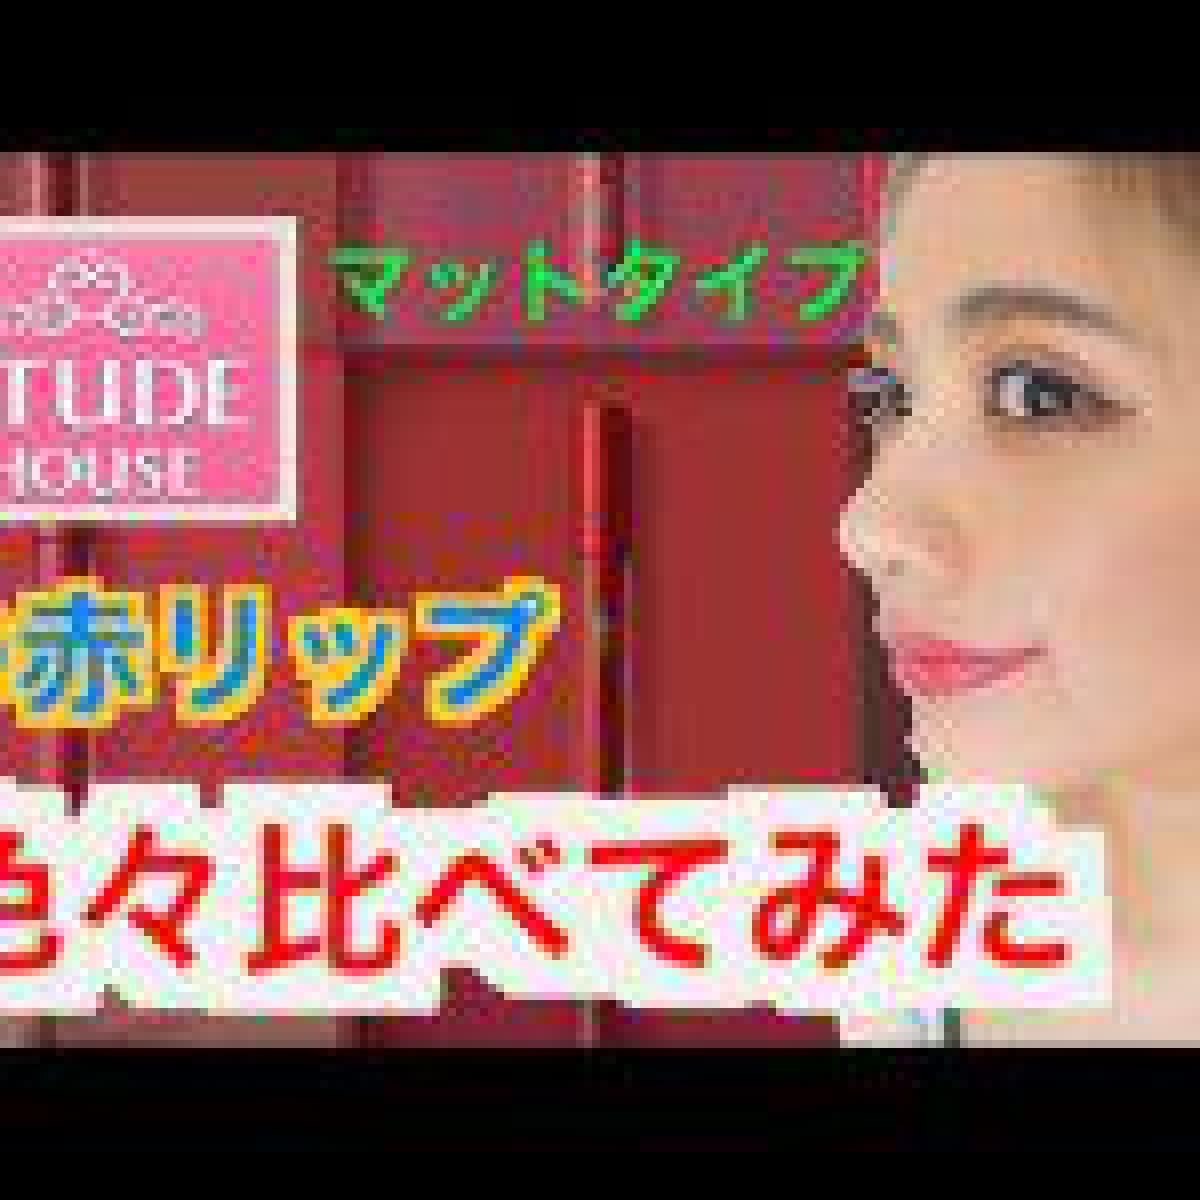 【メイク】【韓国コスメ】マットタイプの赤リップ色々比べてみた / korean cosmetics matte red lips【makeup】